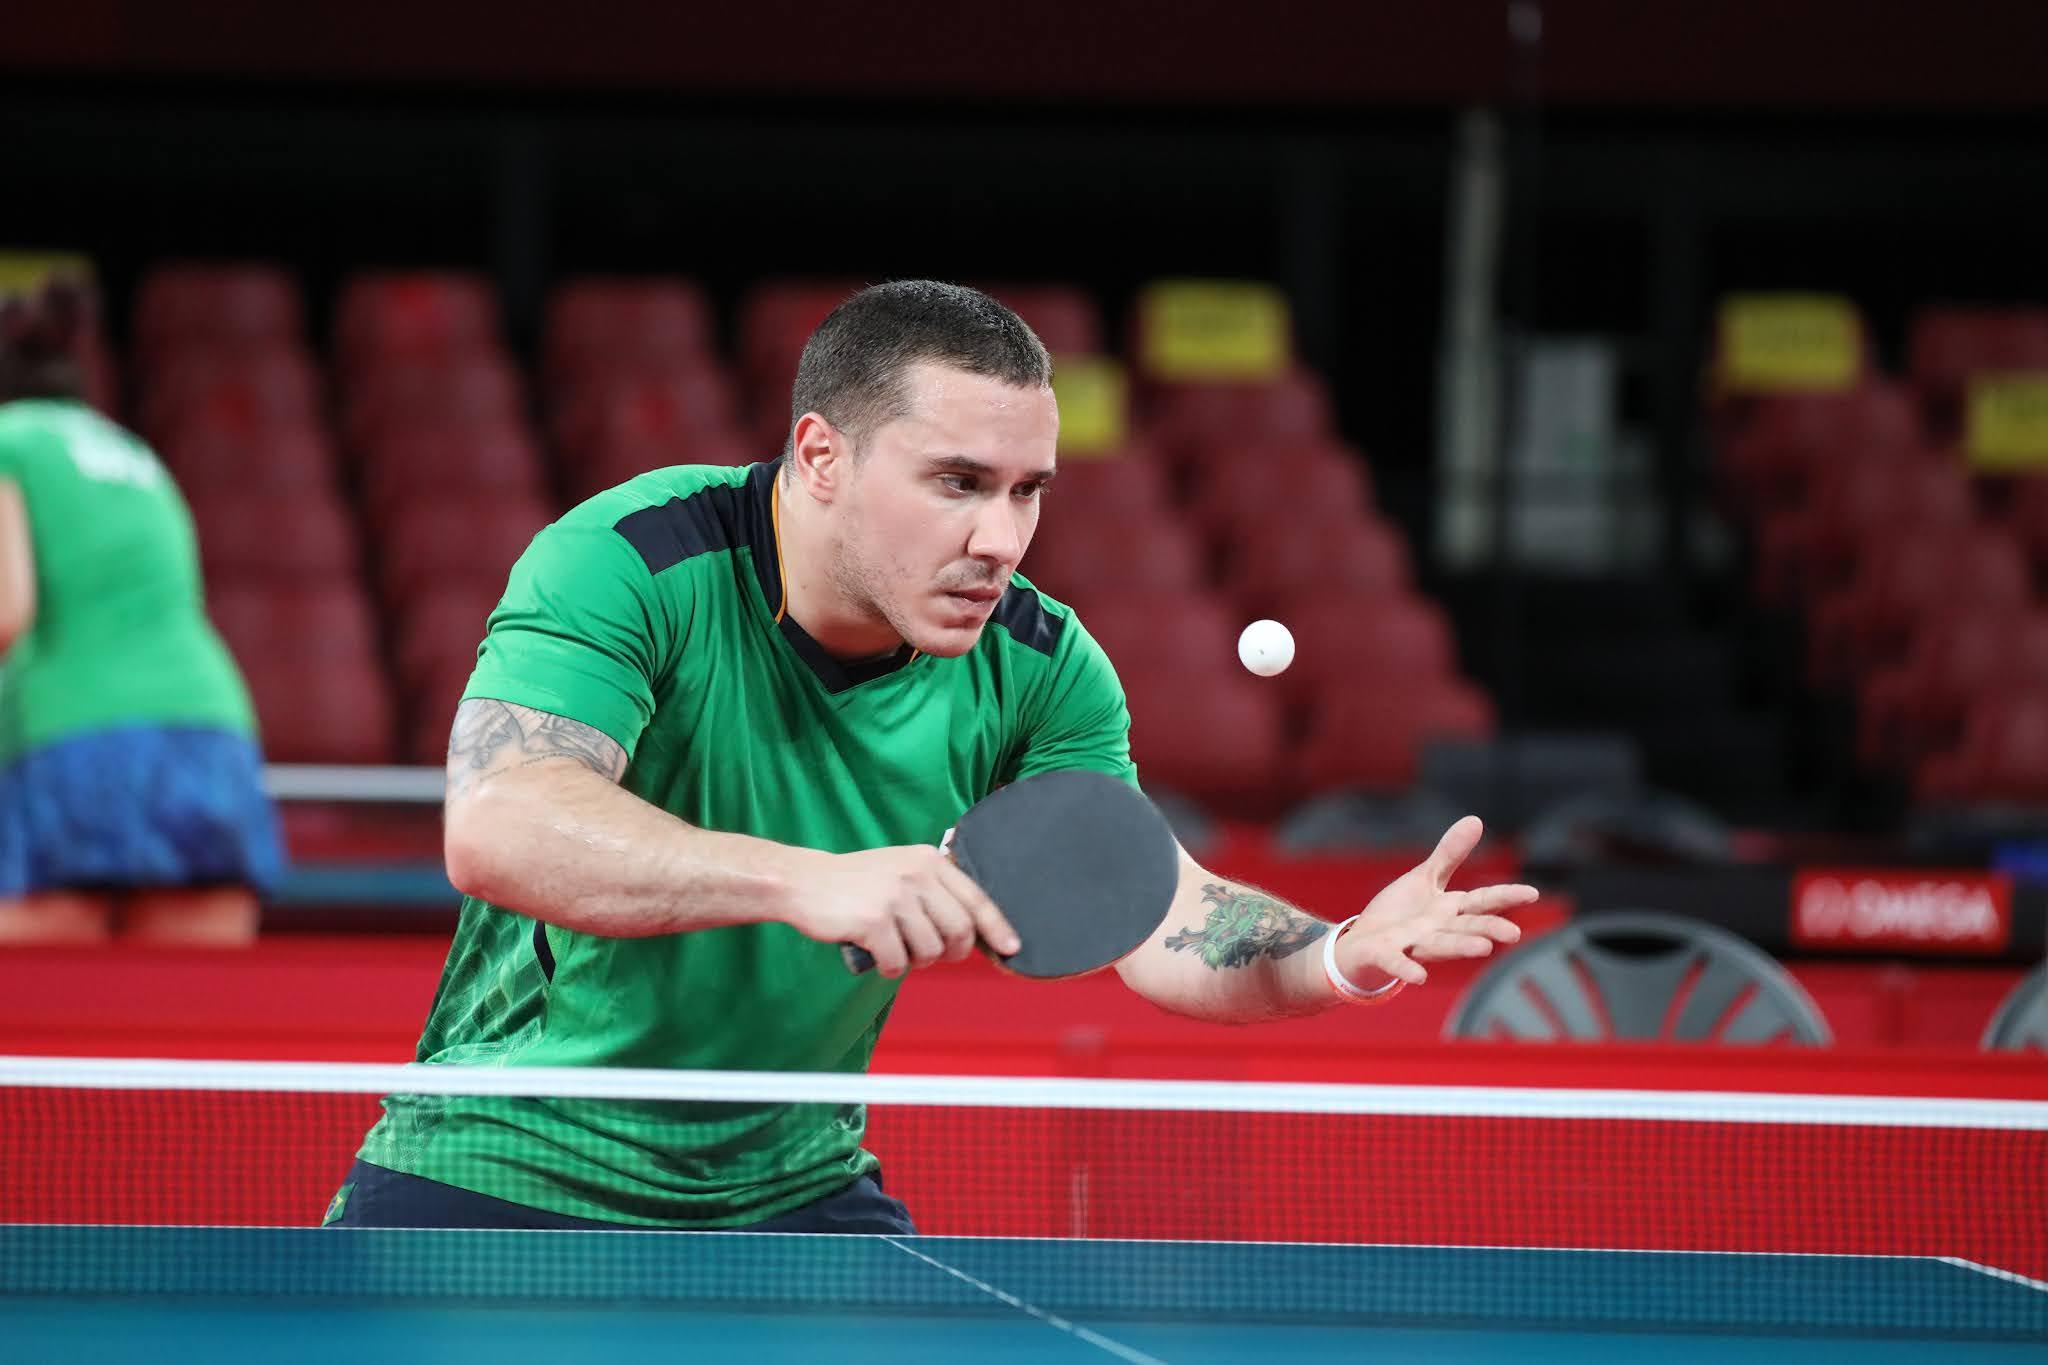 Carlos Carbinatti executa um movimento durante treinamento; ele veste verde e está com a raquete na mão esquerda